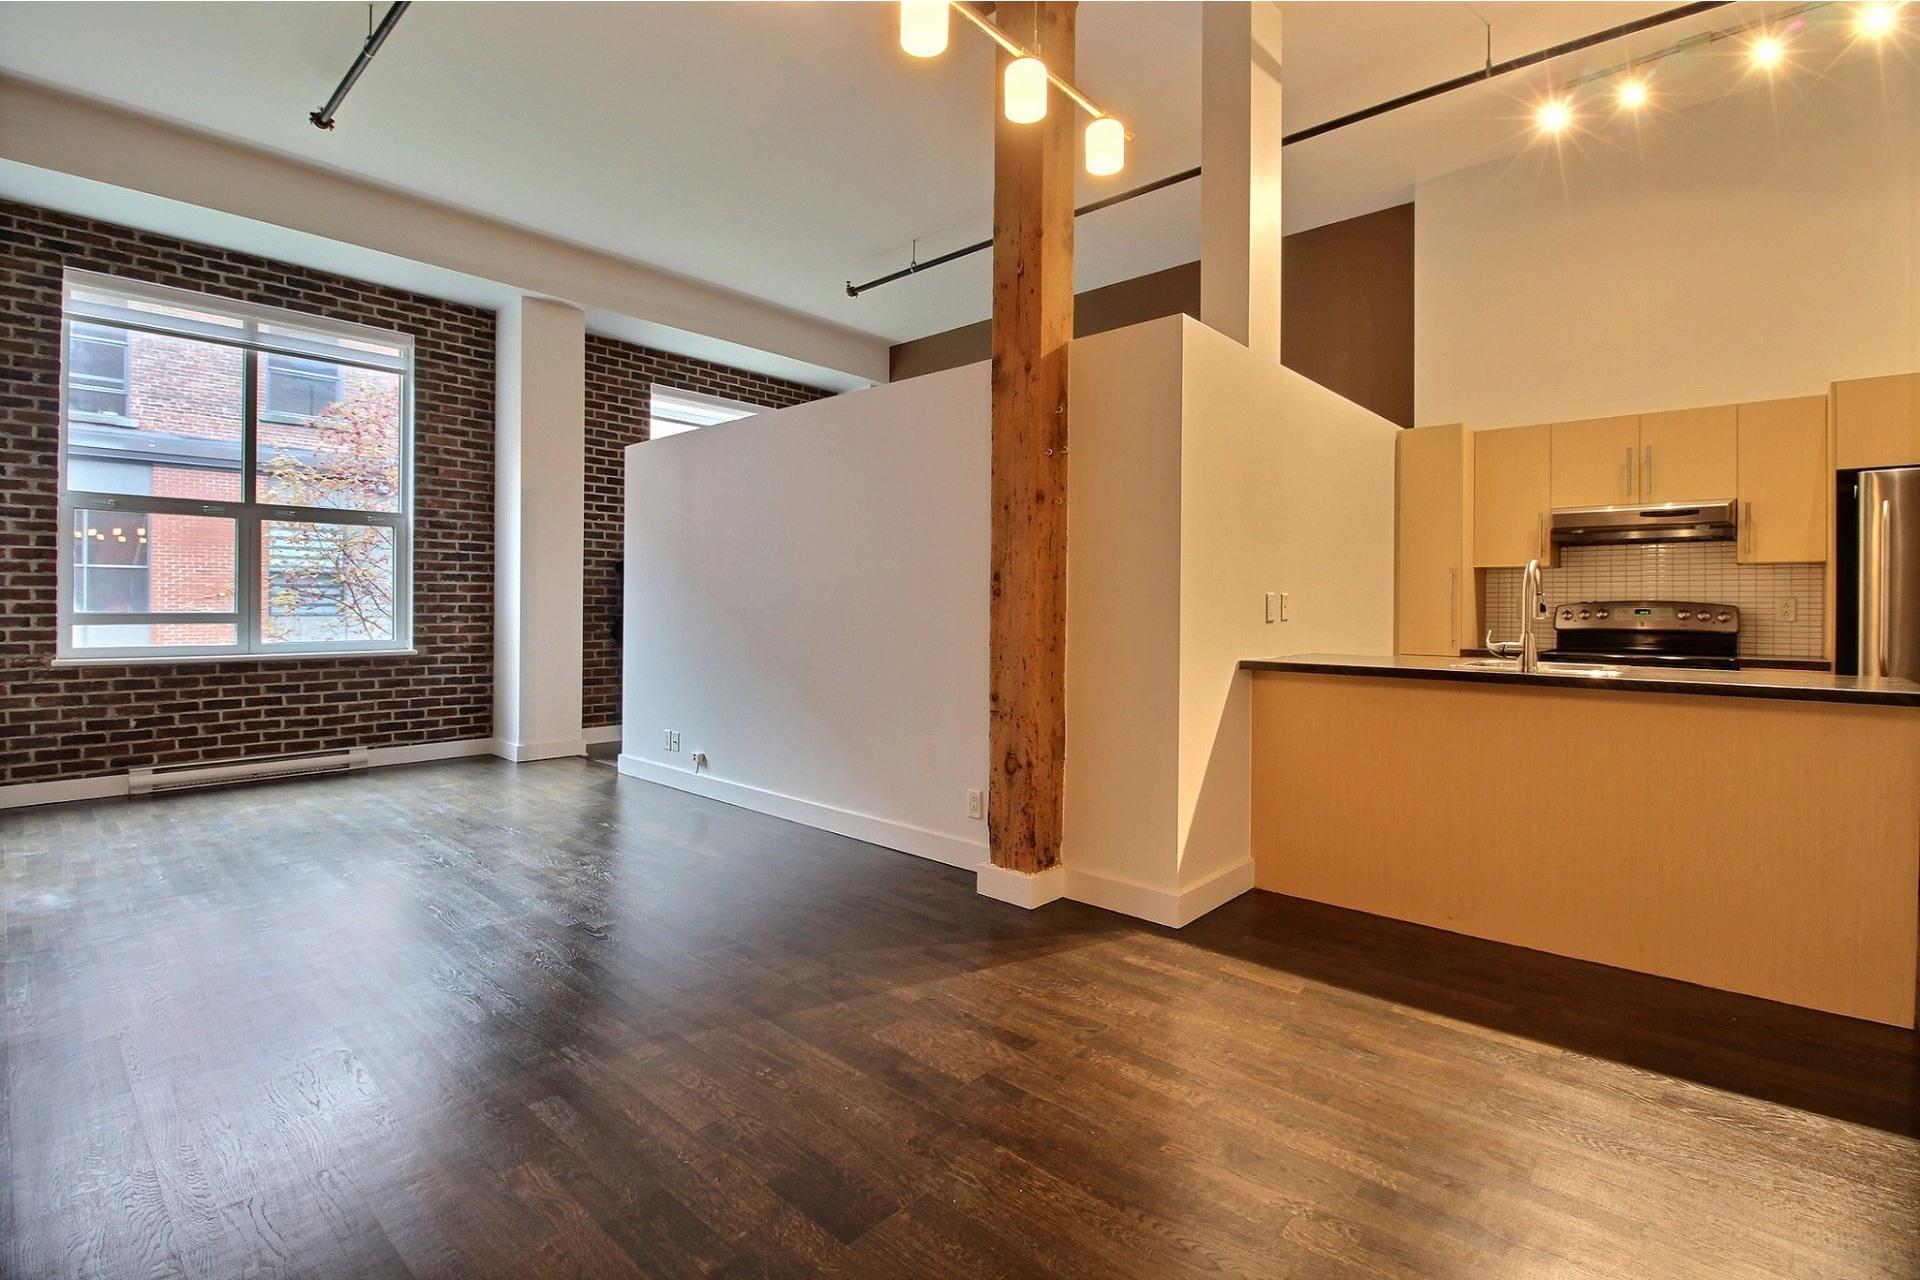 image 3 - Apartment For rent Mercier/Hochelaga-Maisonneuve Montréal  - 6 rooms